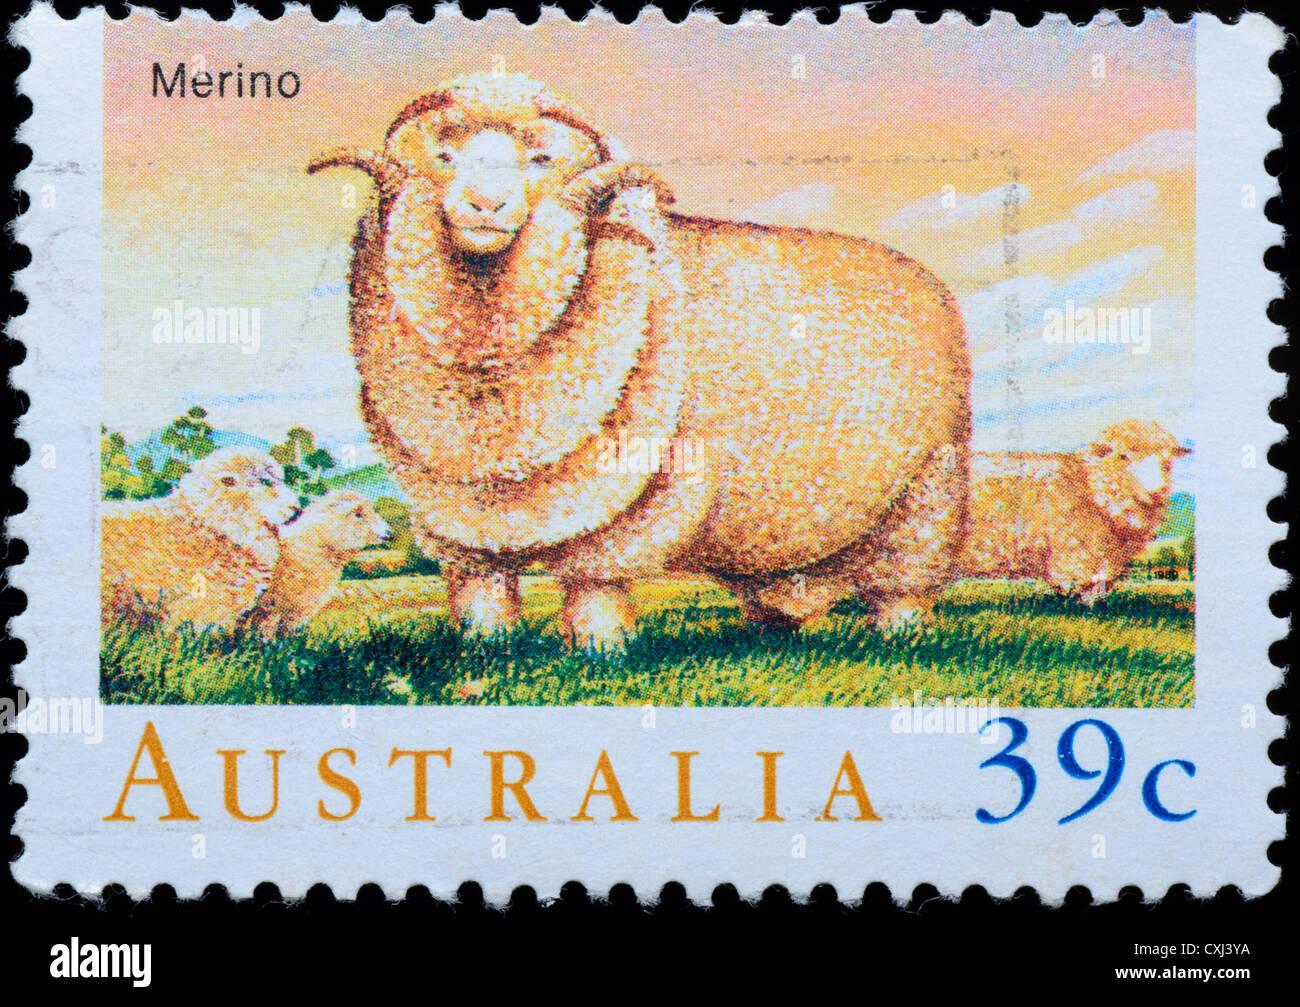 AUSTRALIA stamp shows  Merino sheep - Stock Image